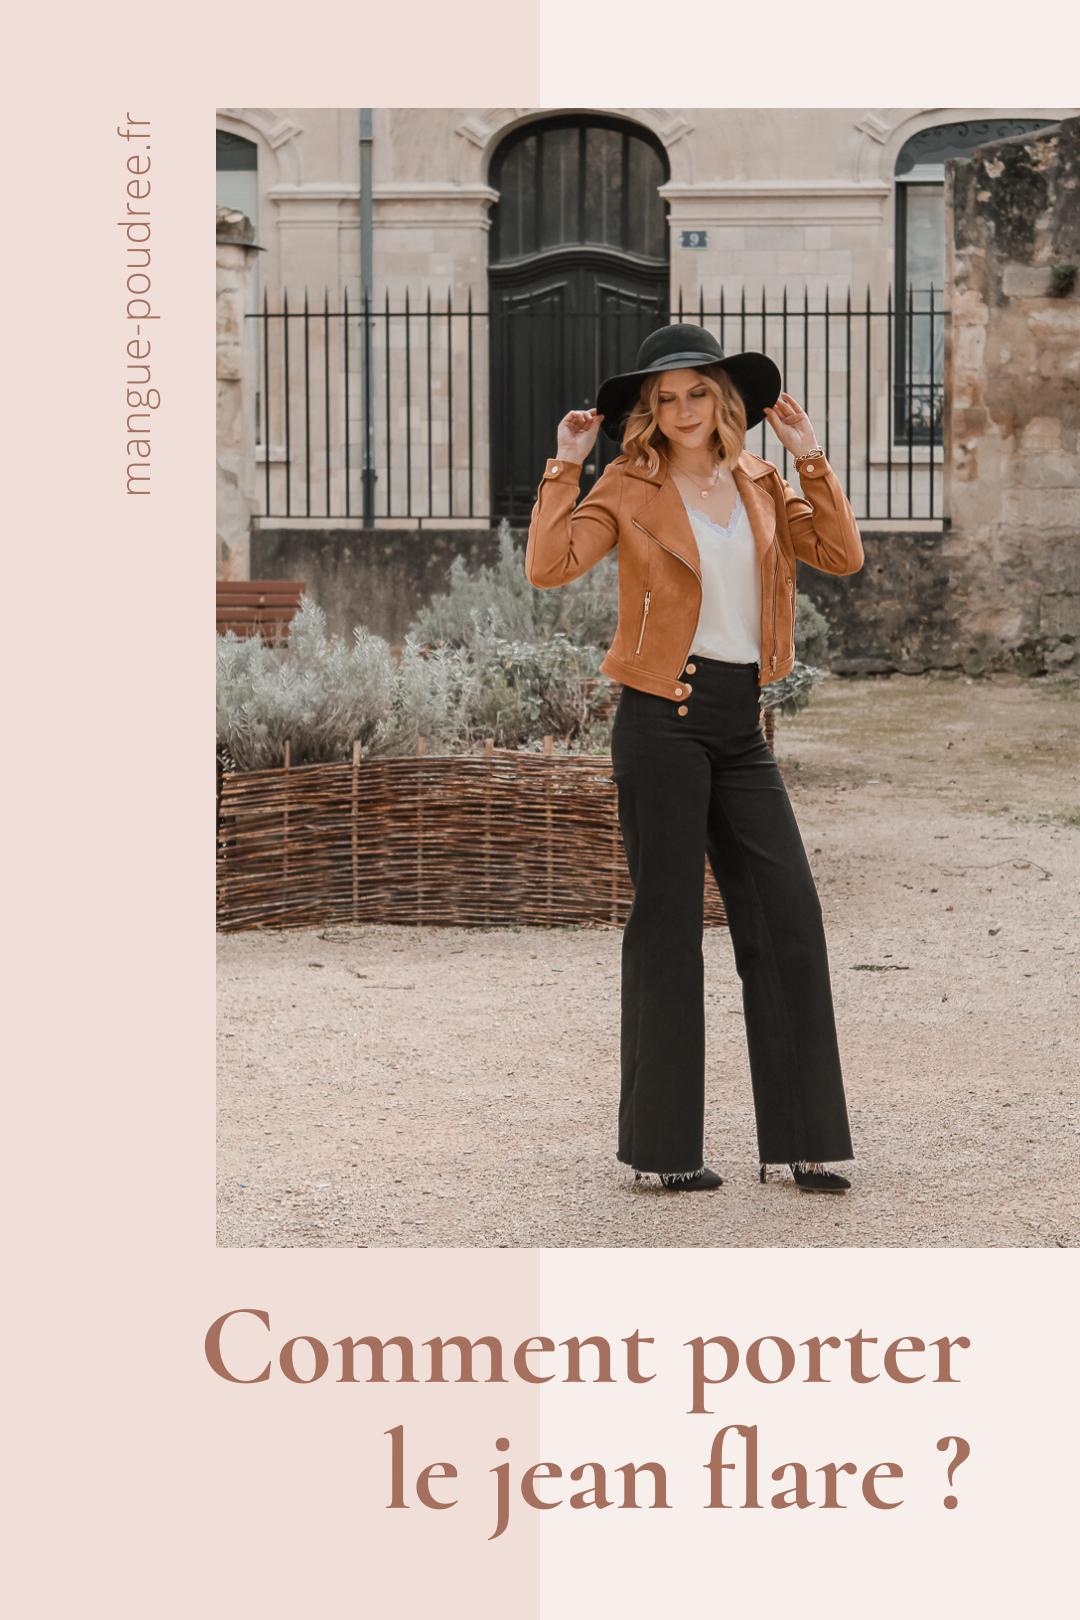 Avis Koshka Mashka - comment porter le jean flare look - Blog Mangue Poudrée - Blog mode et lifestyle Reims Paris Influenceuse - Pinterest - 3